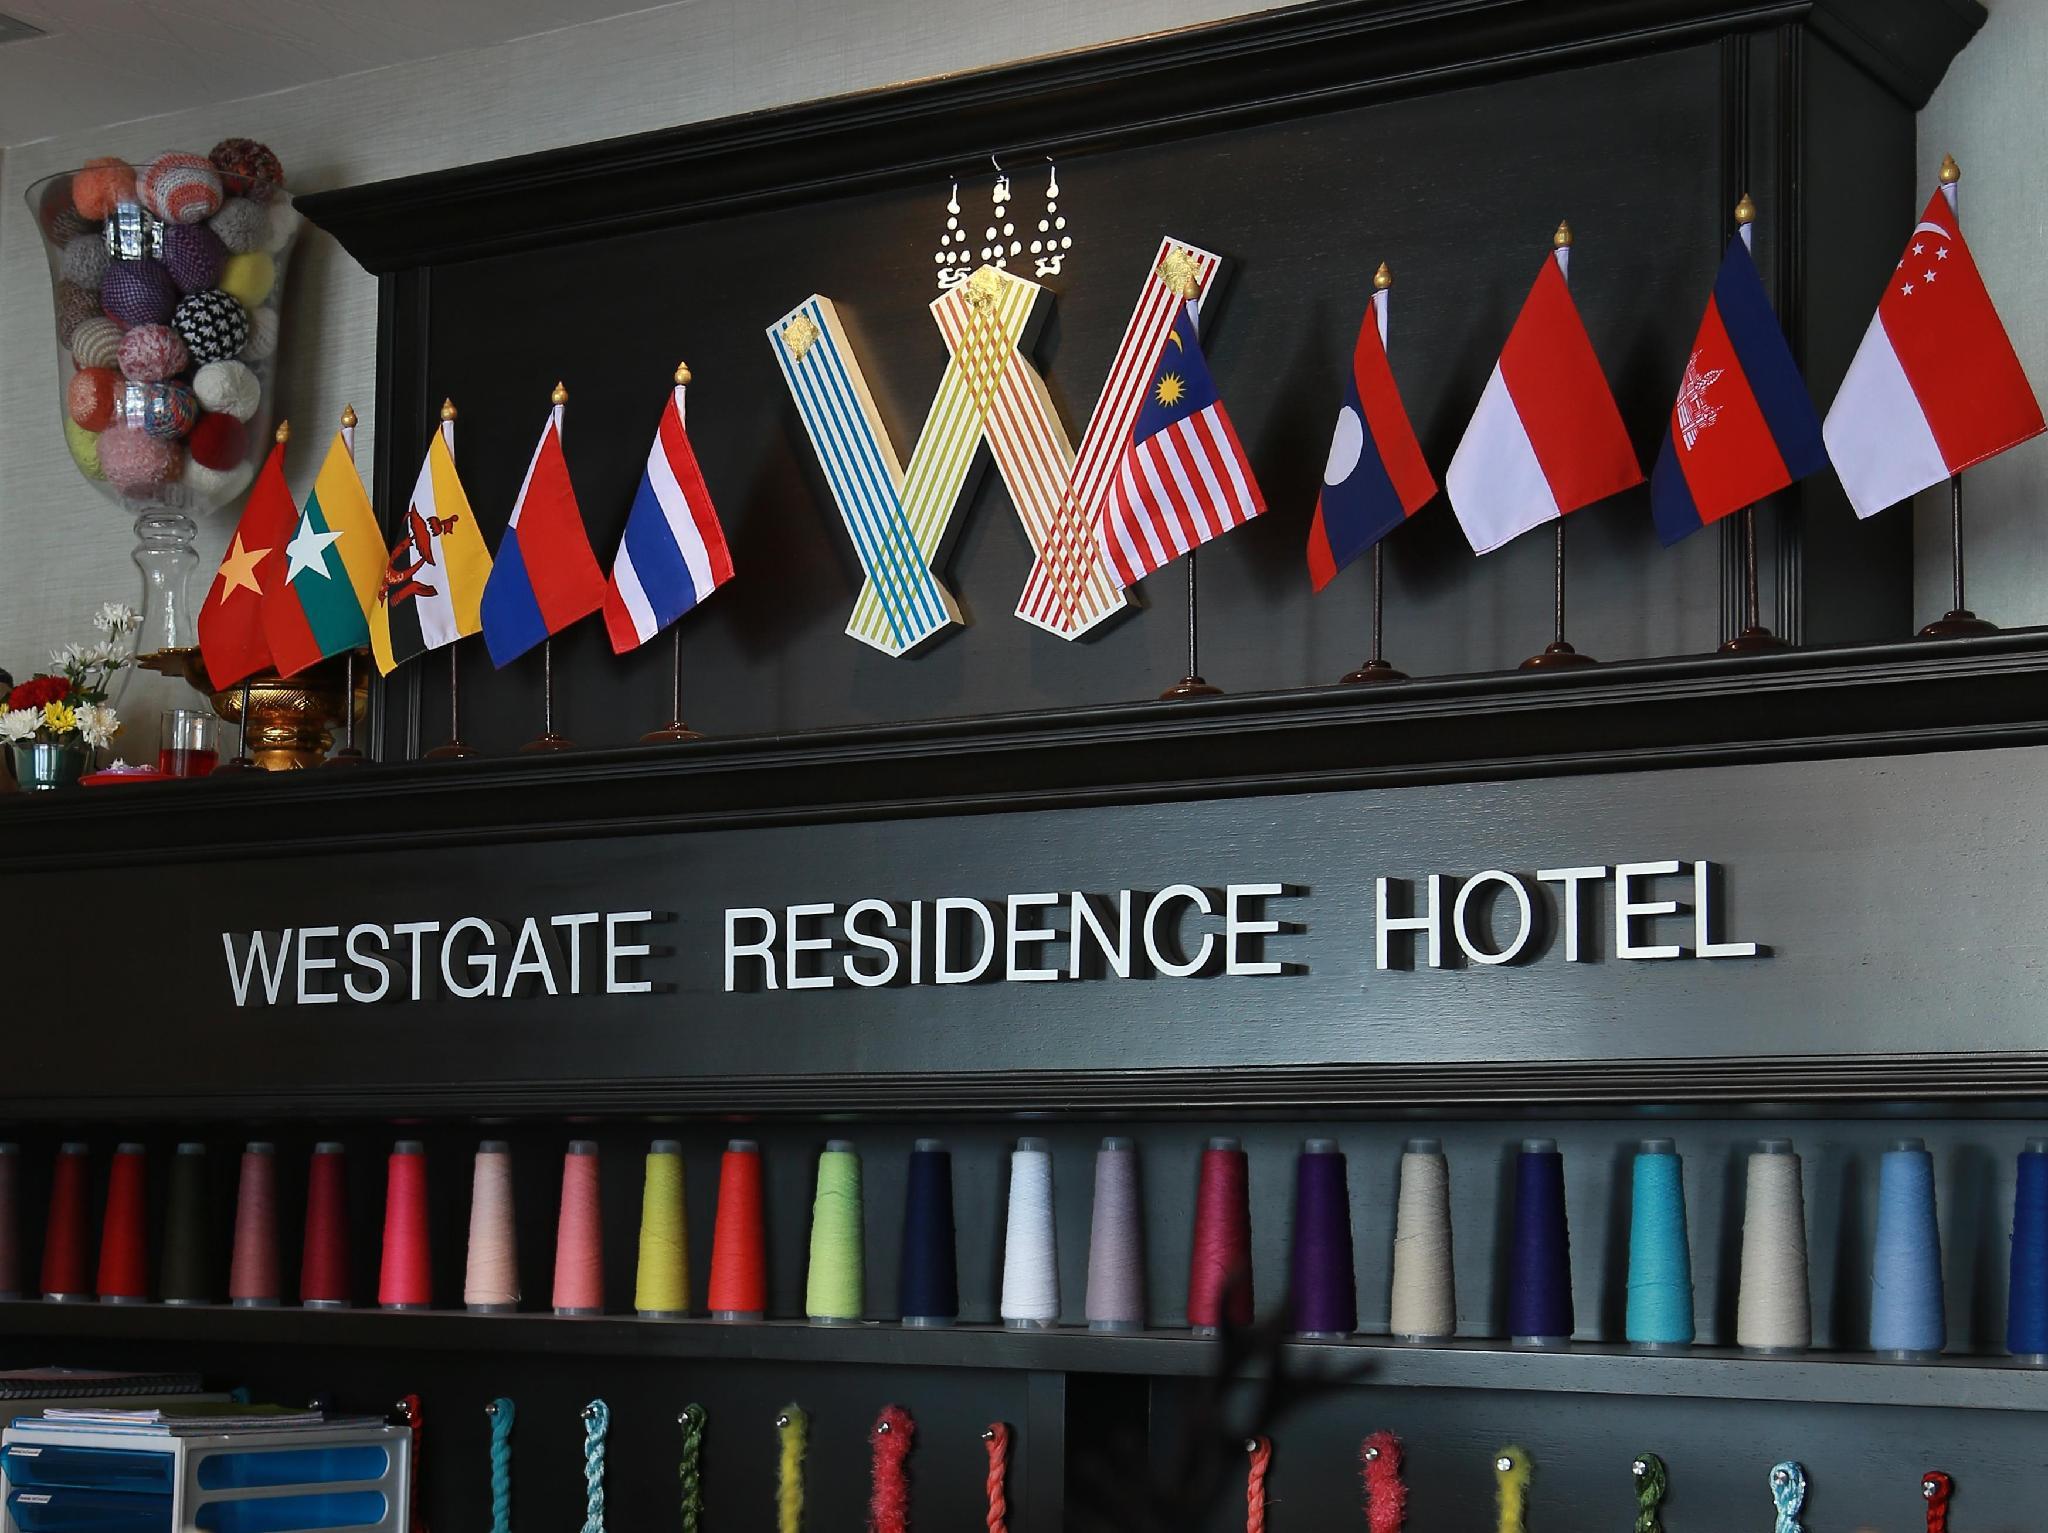 โรงแรม เวสต์เกต เรสซิเดนซ์